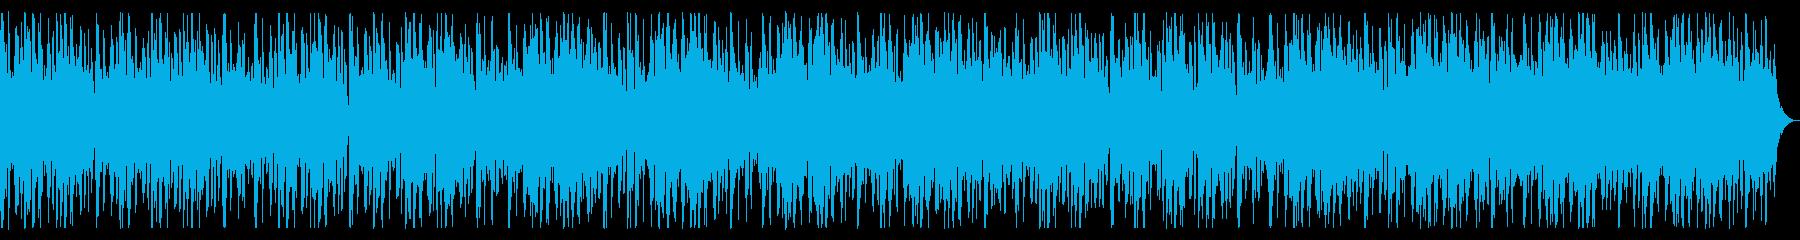 神秘的/サイケデリック_614_1の再生済みの波形